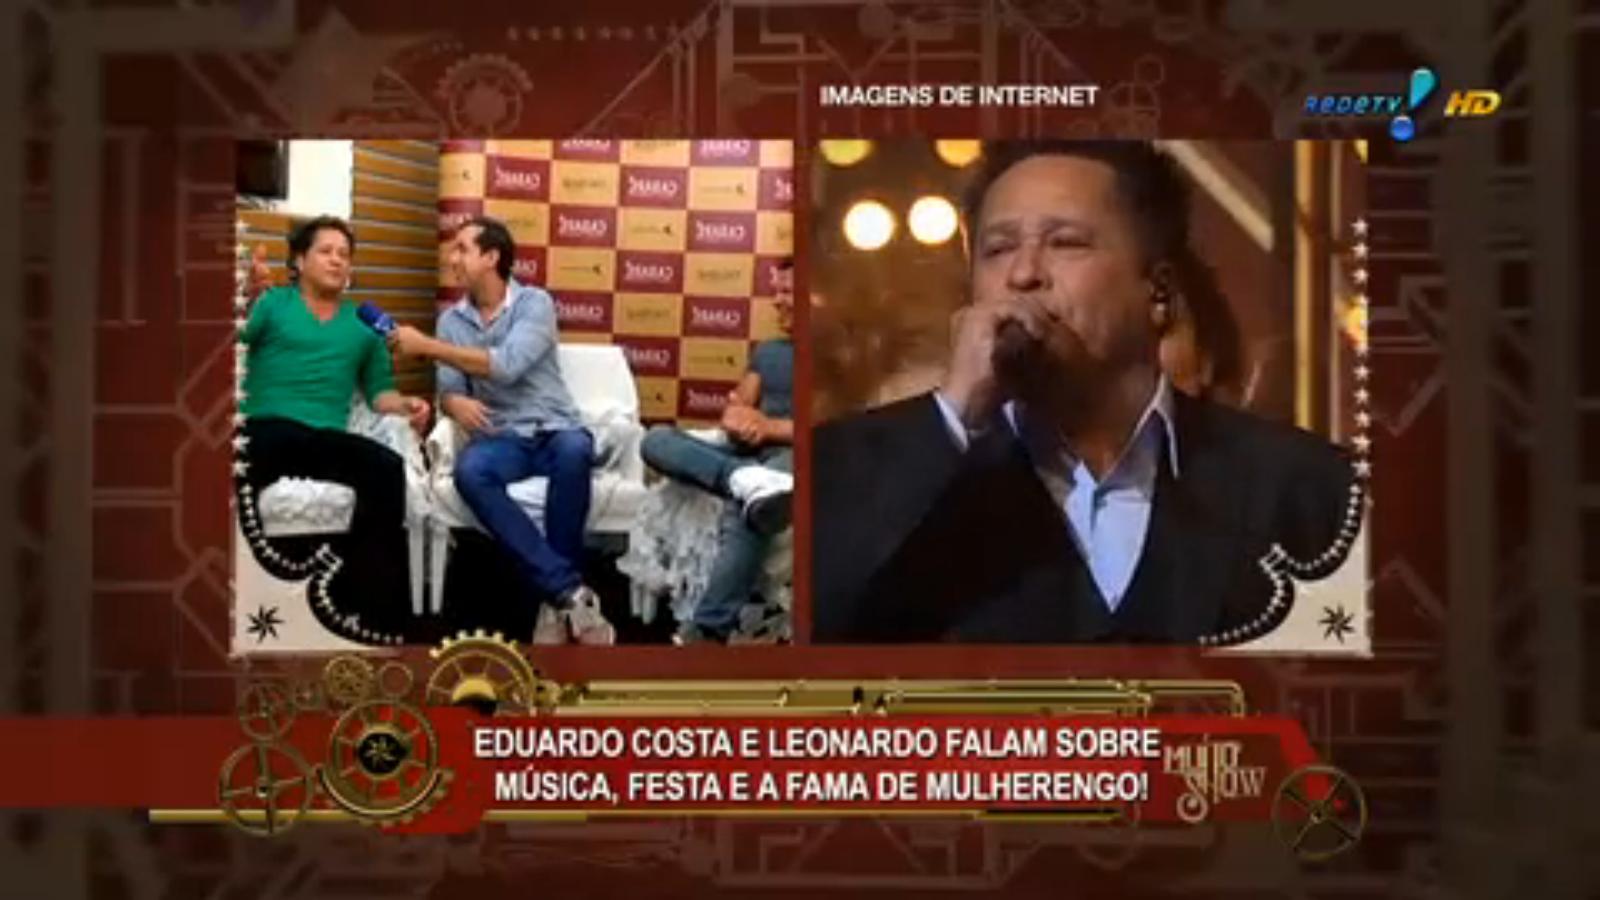 Cabaré Leonardo Eduardo costa no programa muito show 18 /03 2015